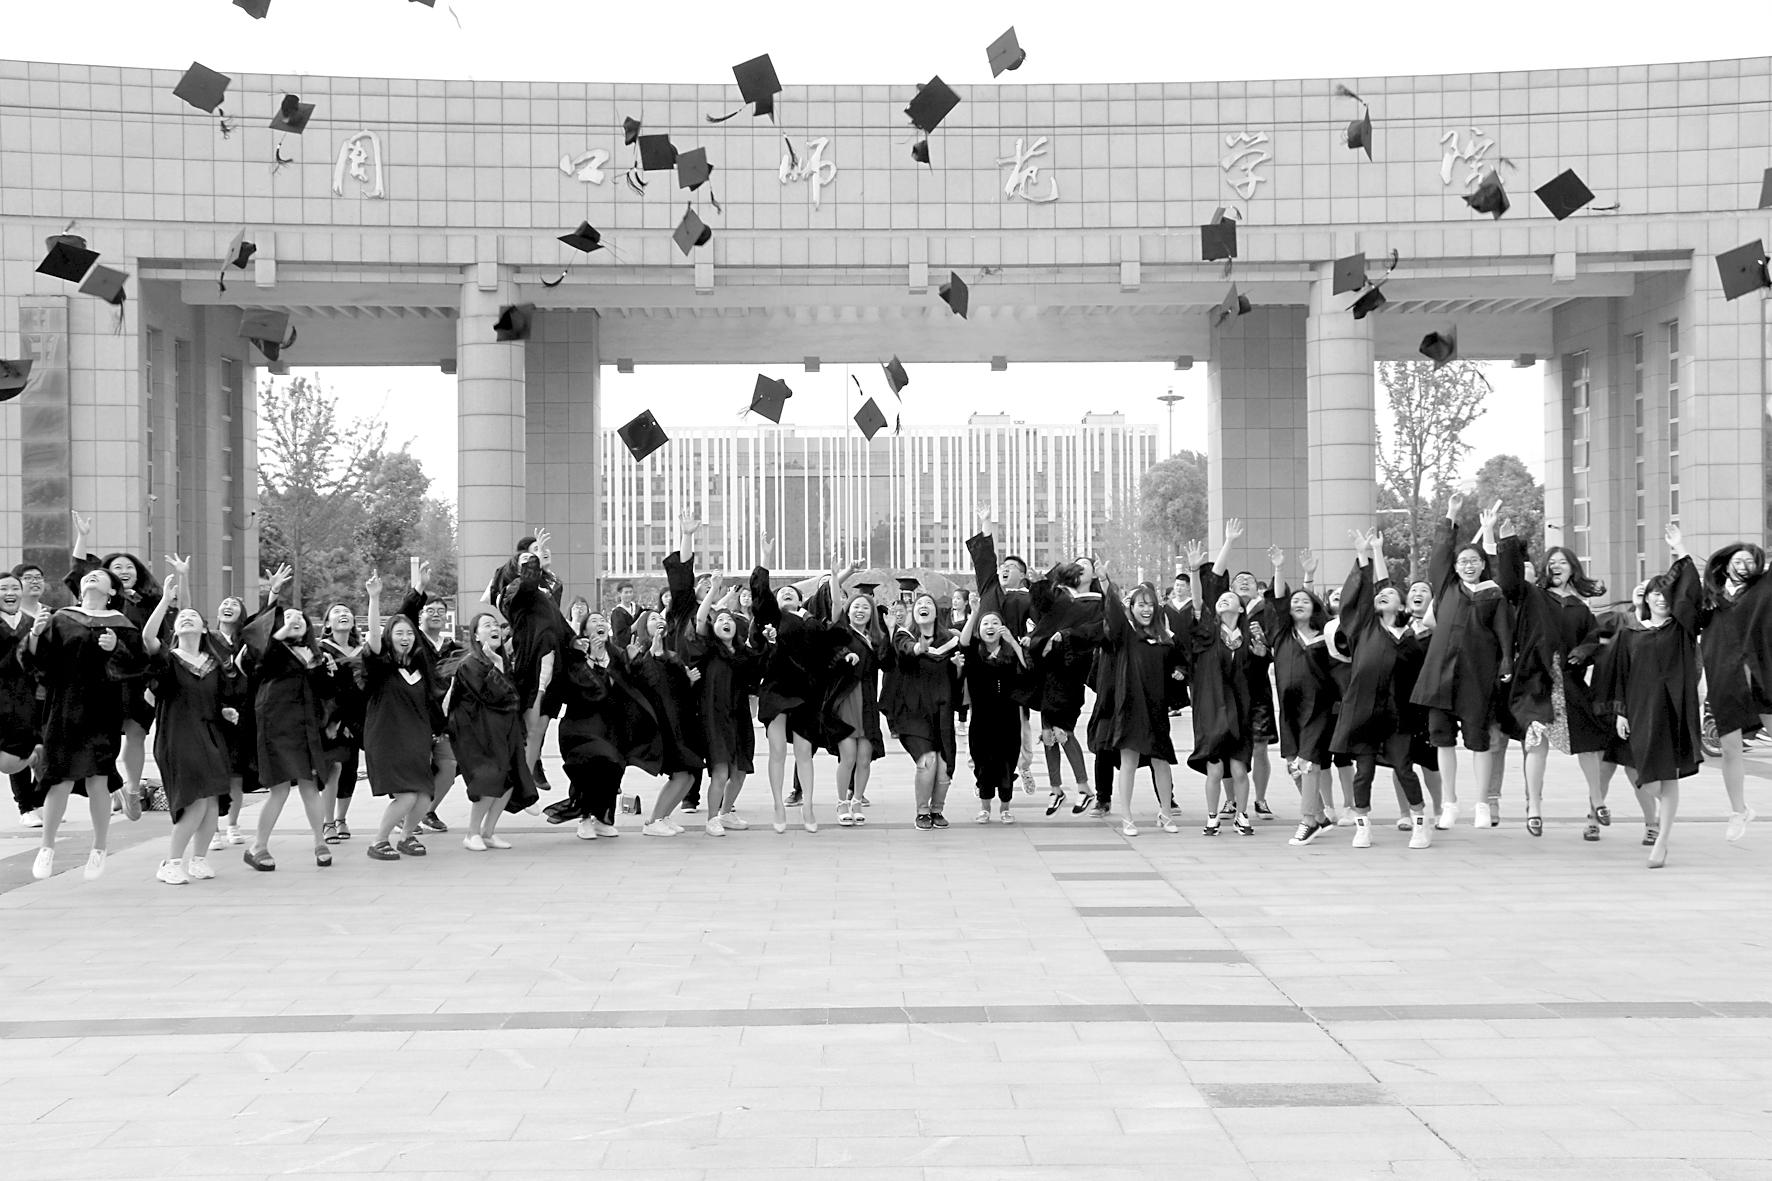 再见,青春!毕业是一场华丽的谢幕